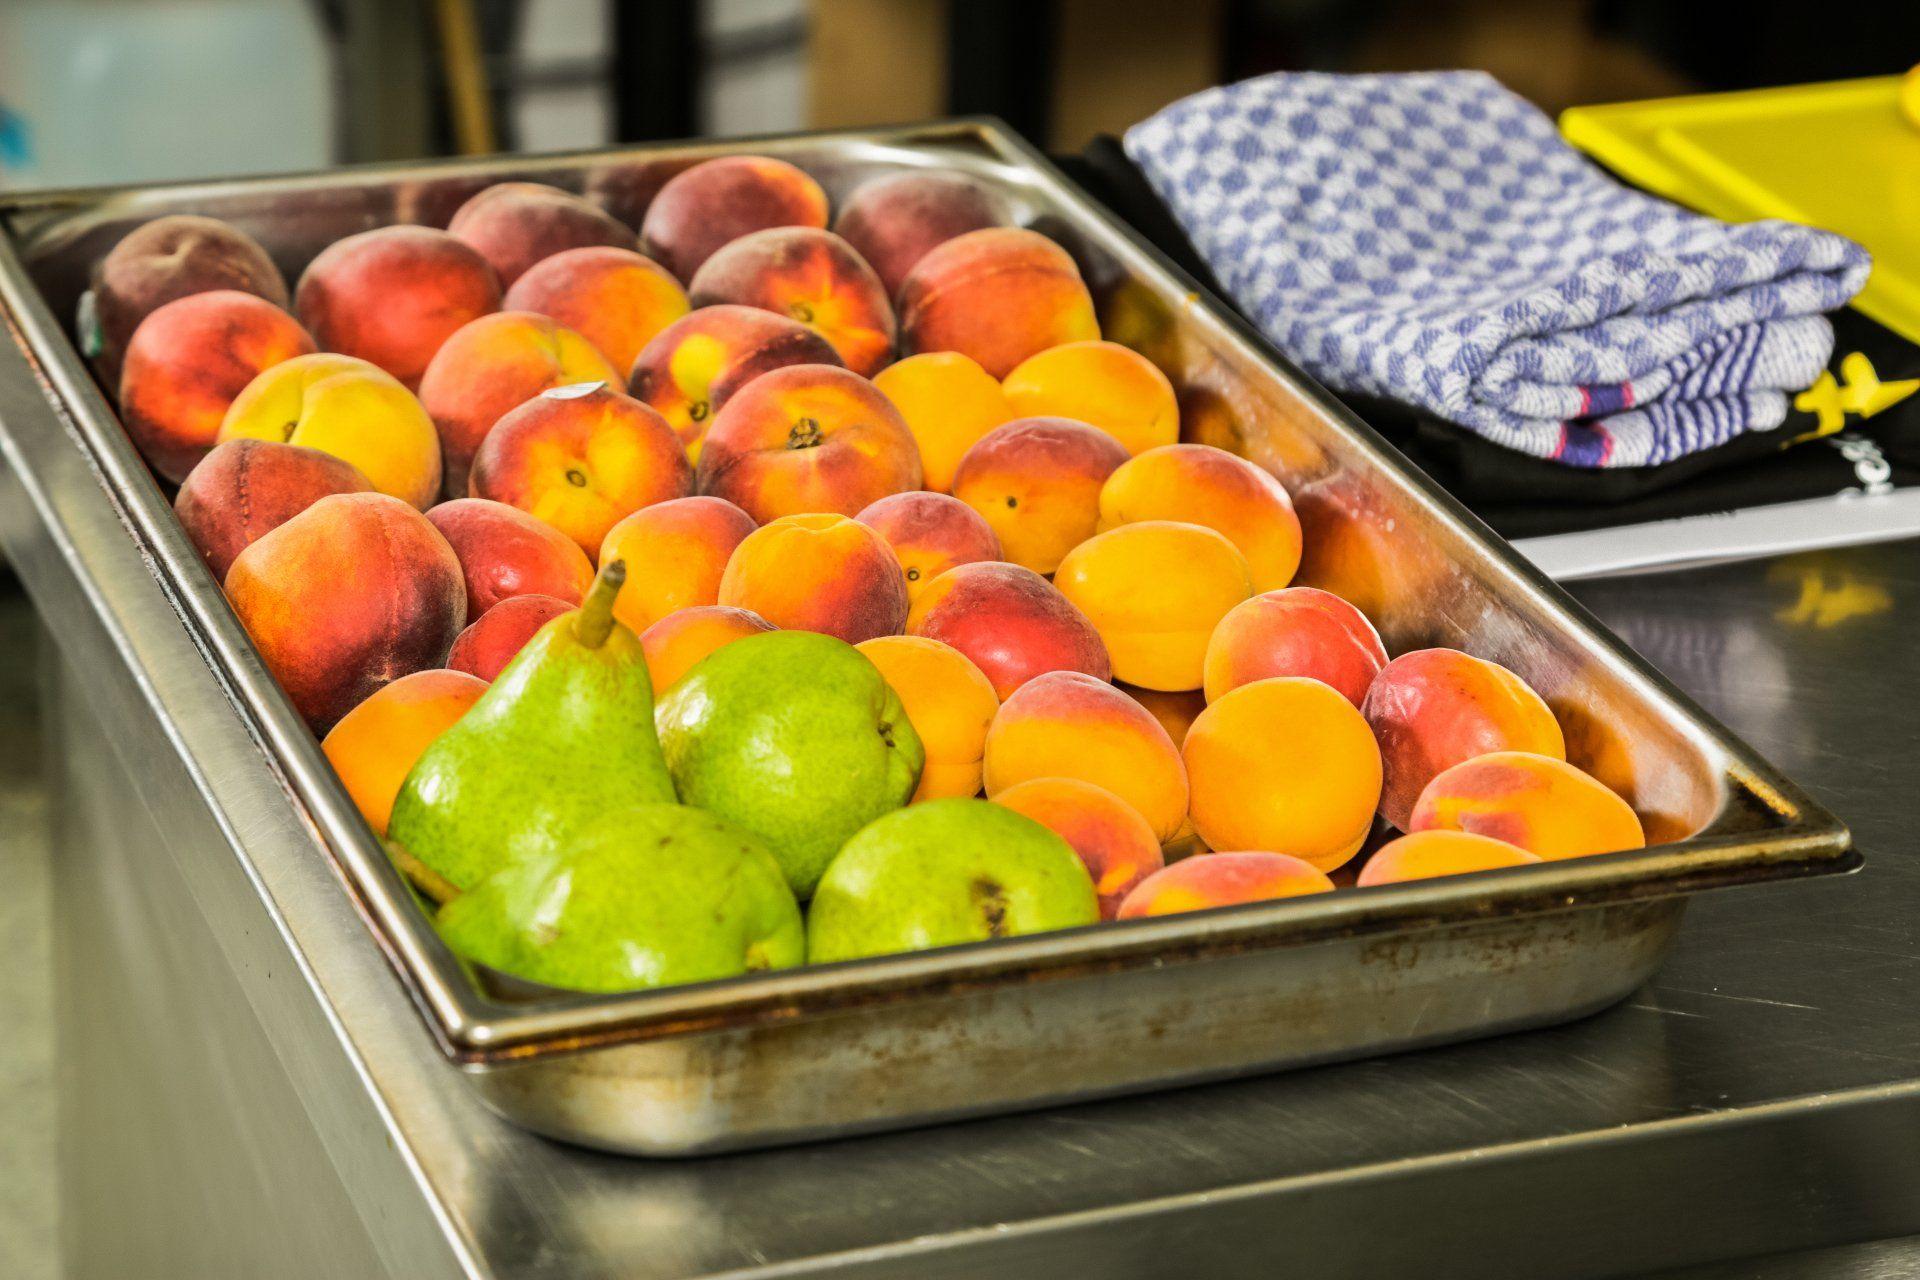 Endiviensalat mit gebackenem Ziegenkäse und Aprikosen an Pfirsich-Dressing